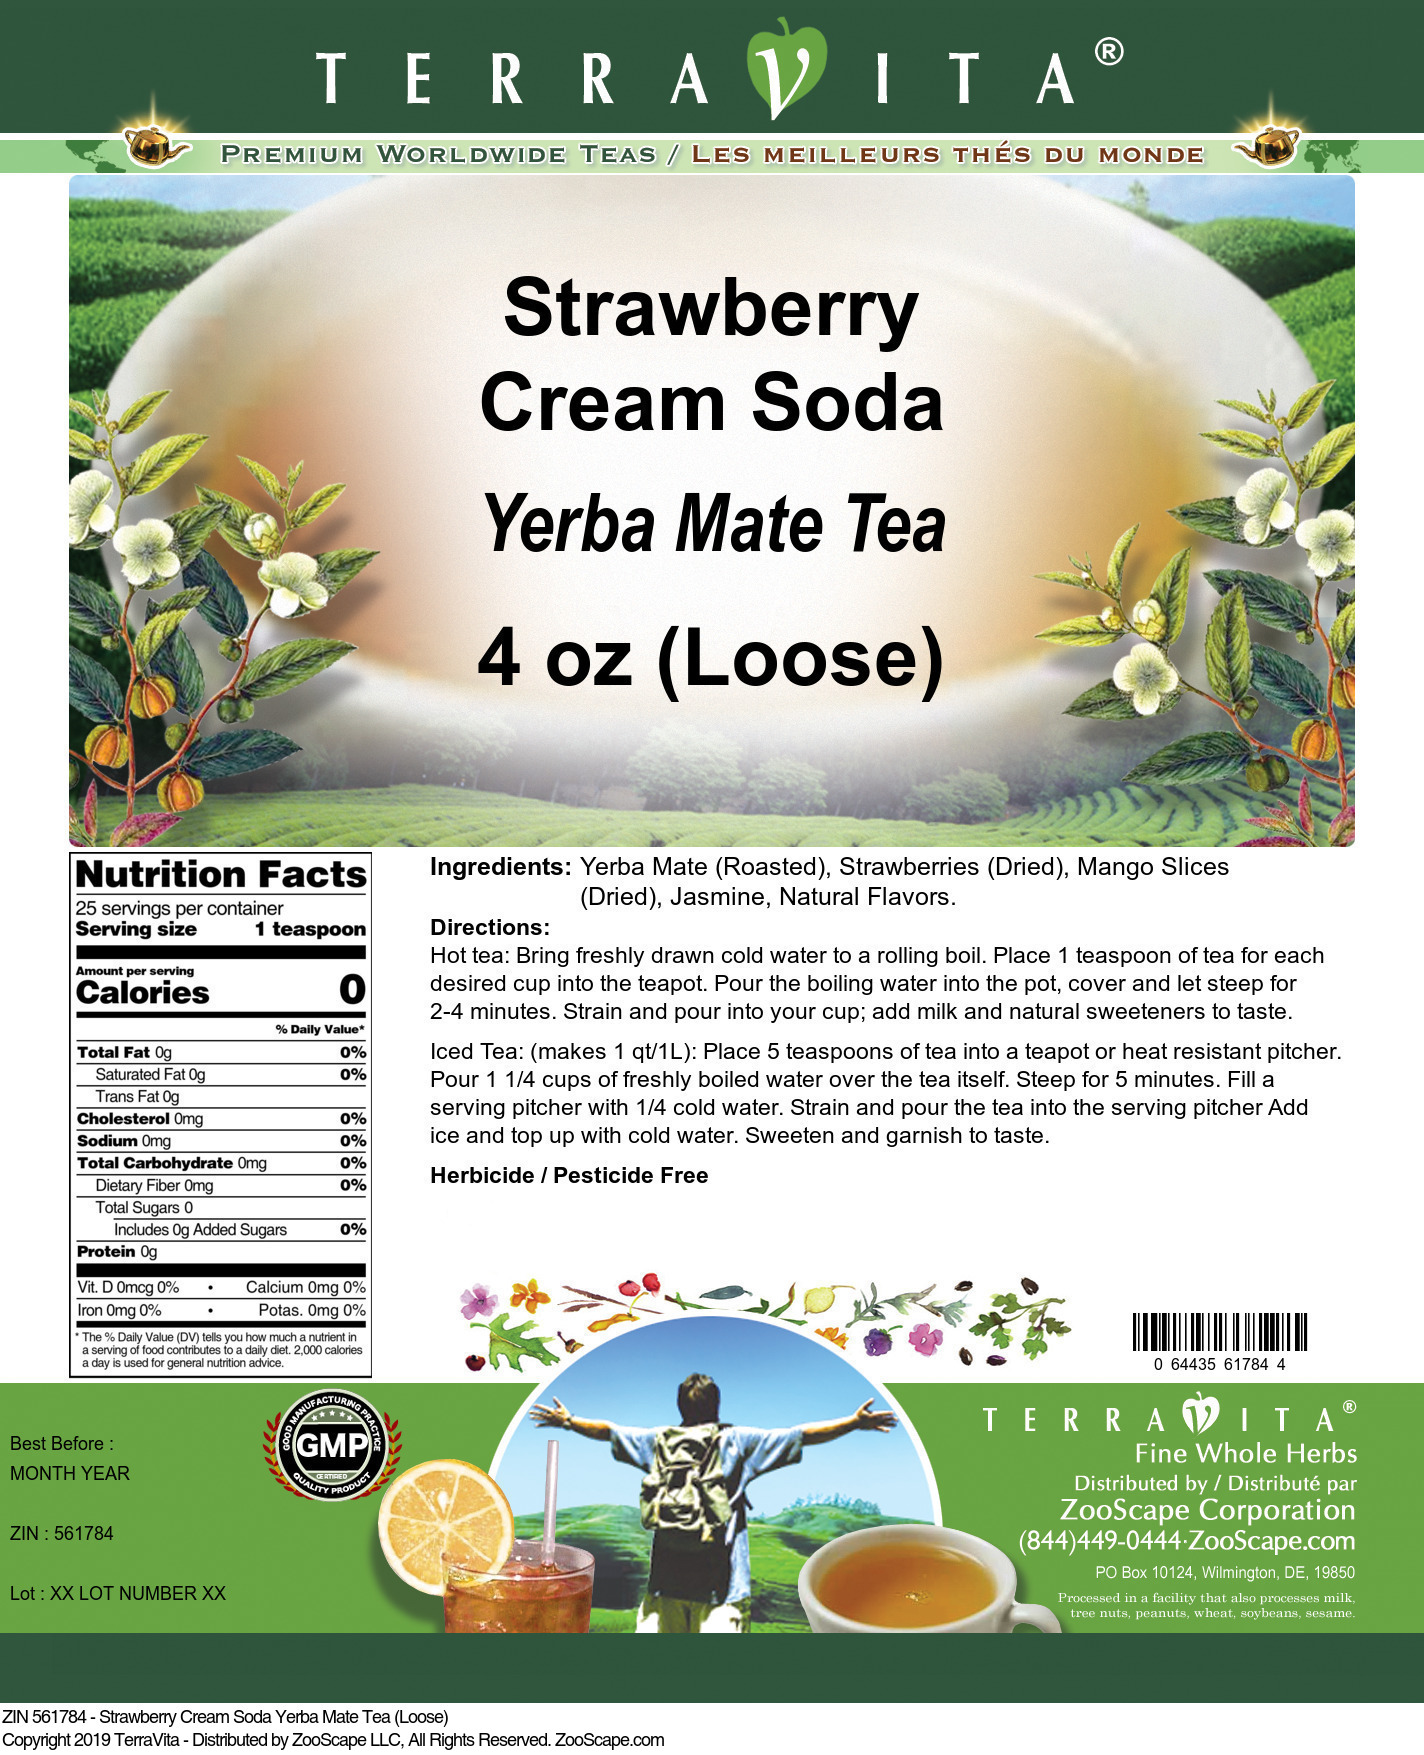 Strawberry Cream Soda Yerba Mate